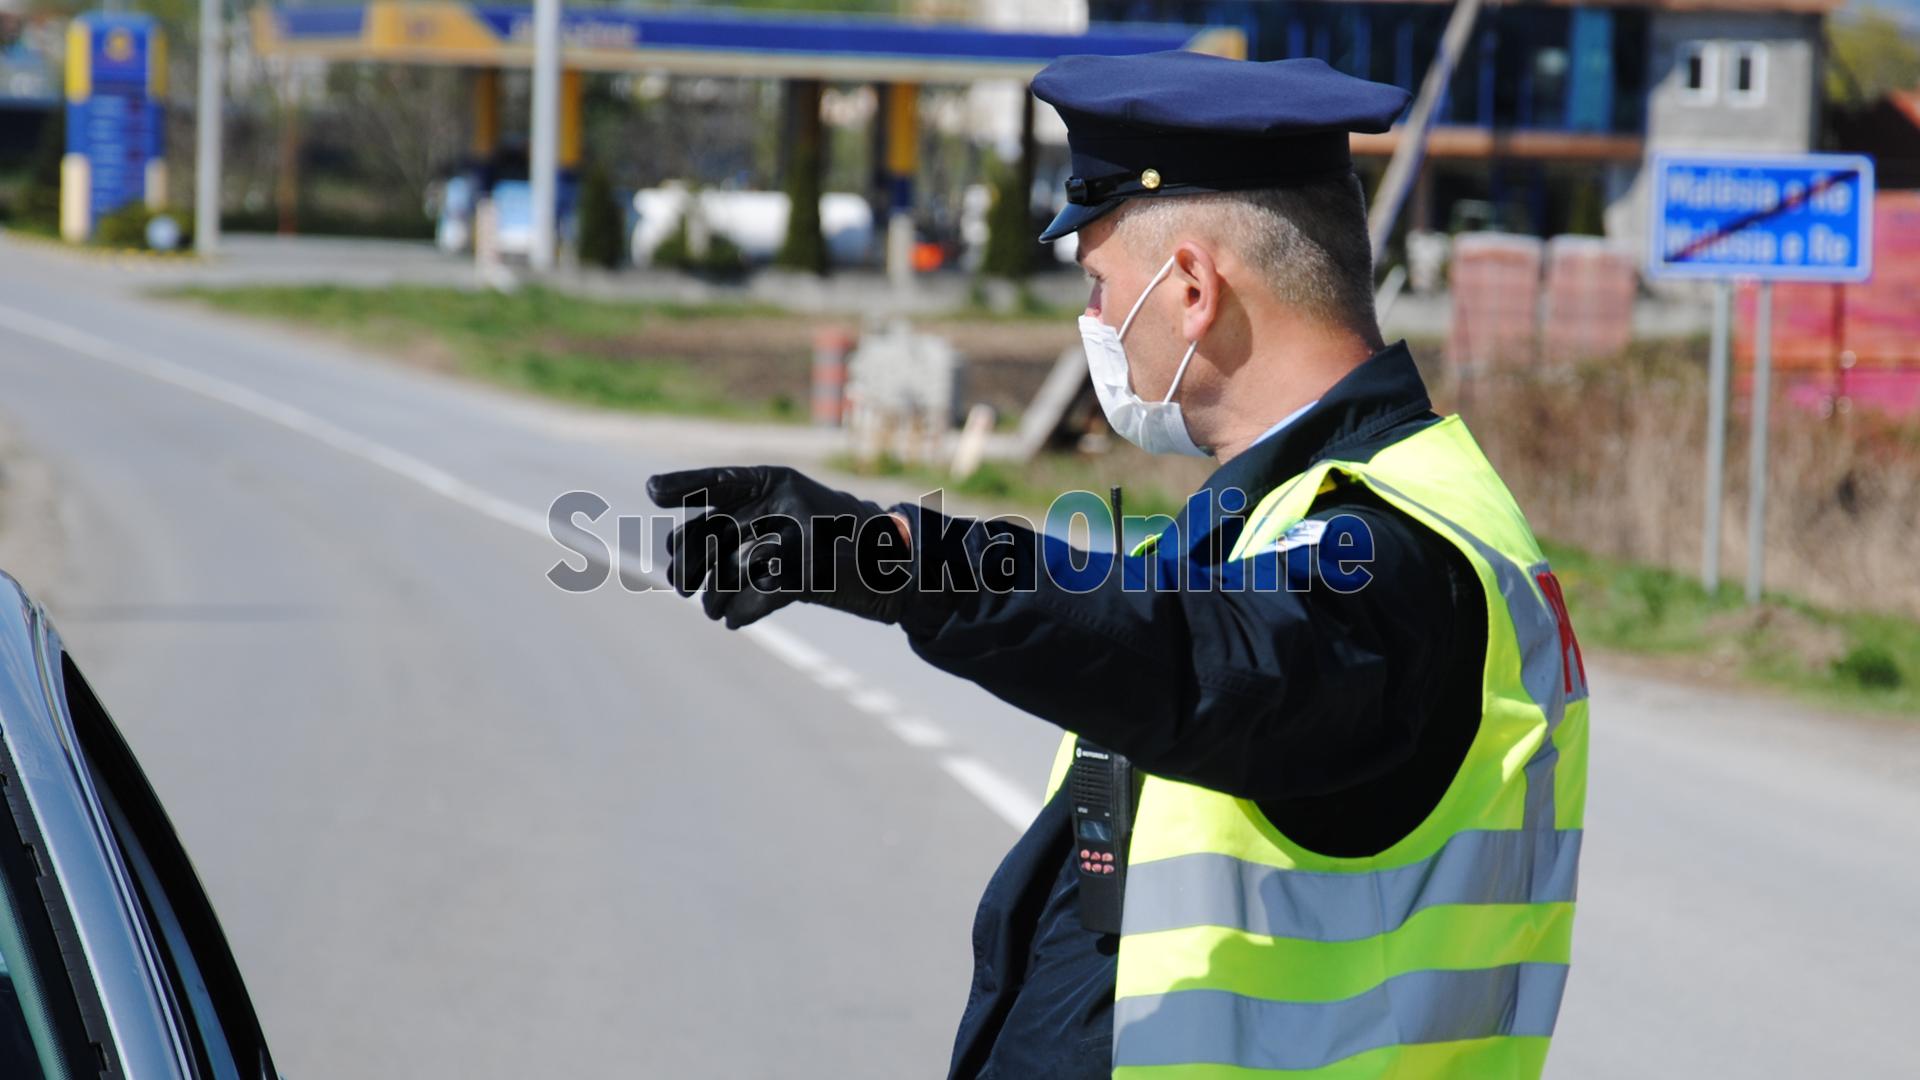 39 aksidente dhe 1370 gjoba trafiku brenda një dite në Kosovë